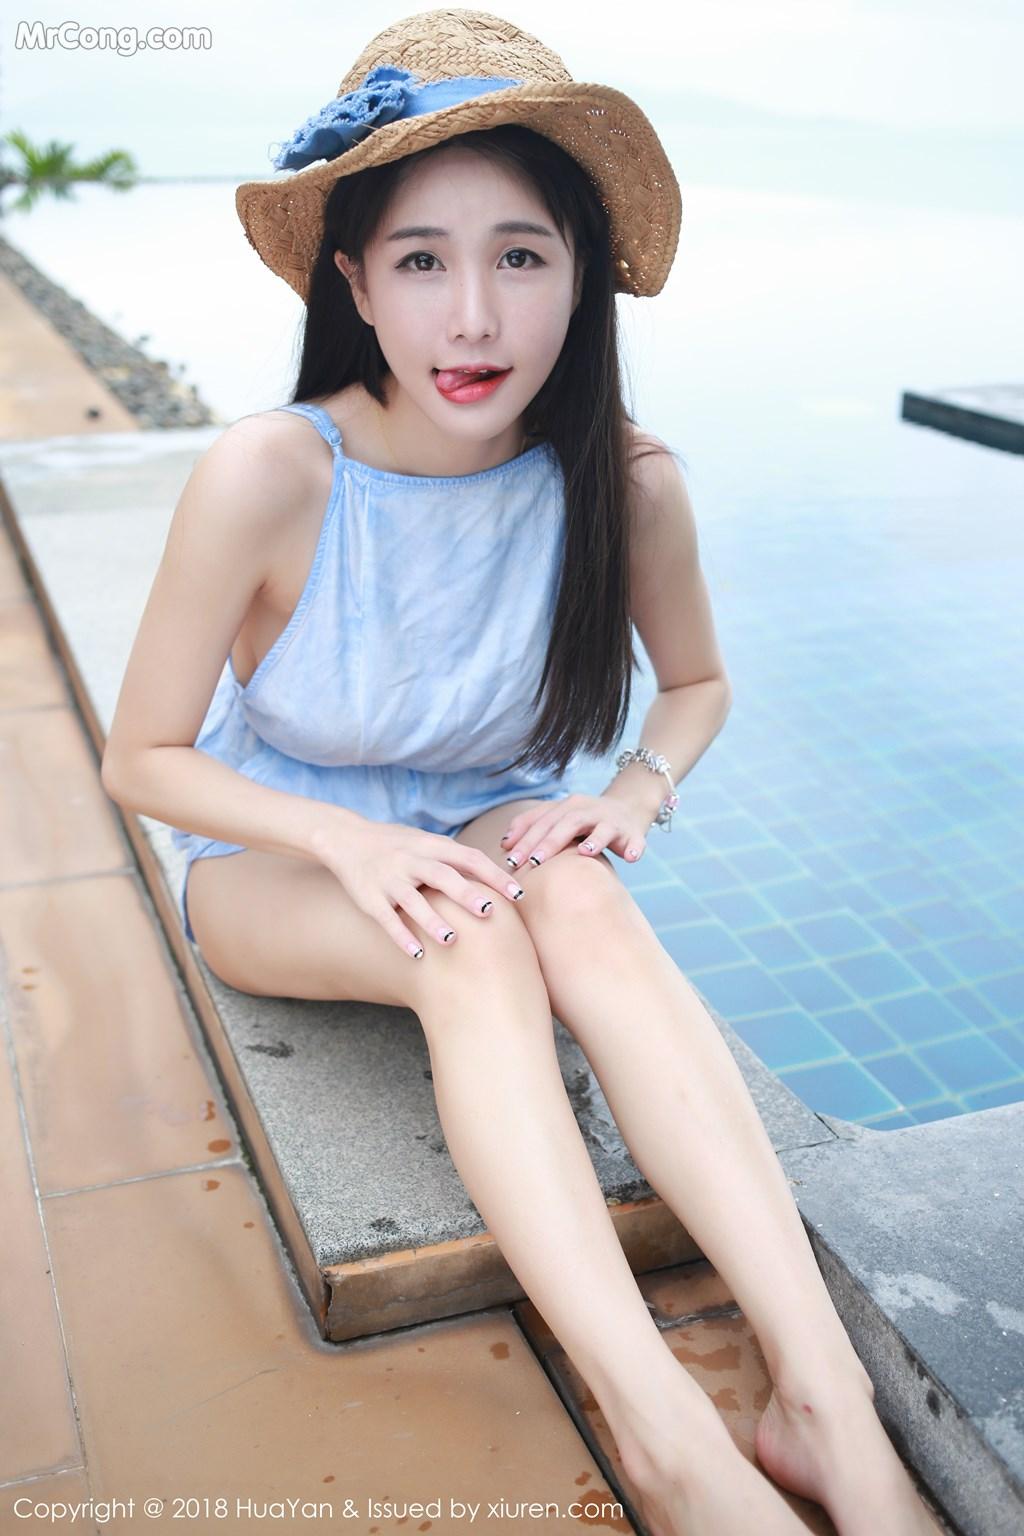 Image HuaYan-Vol.057-Xiao-Mo-Lin-MrCong.com-006 in post HuaYan Vol.057: Người mẫu Xiao Mo Lin (小沫琳) (41 ảnh)